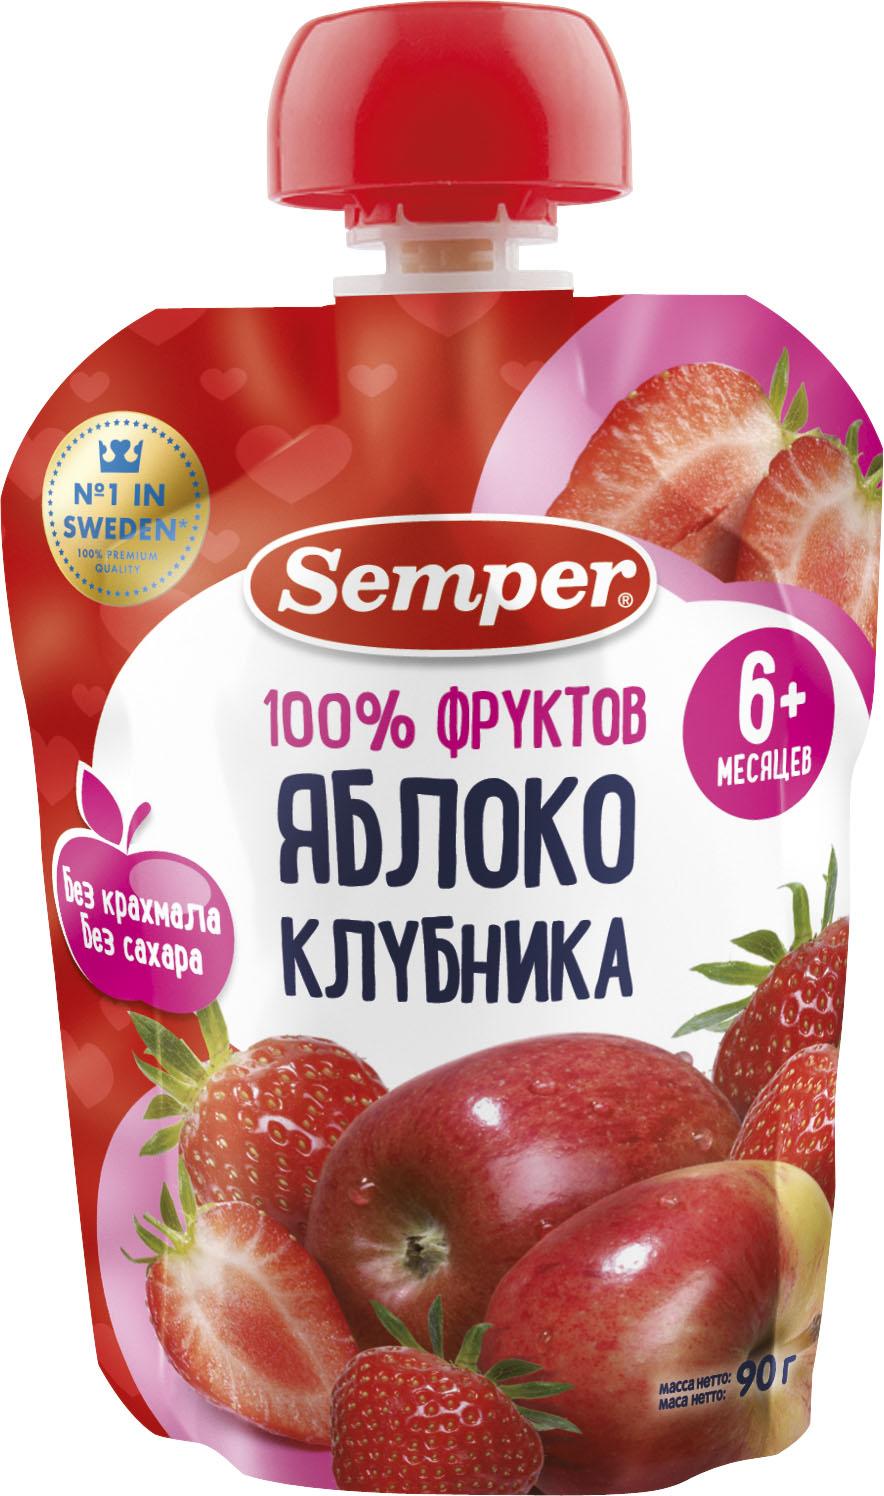 Пюре Semper Semper Яблоко и клубника (с 6 месяцев) 90 г пюре semper semper яблоко и манго с 6 месяцев 90 г